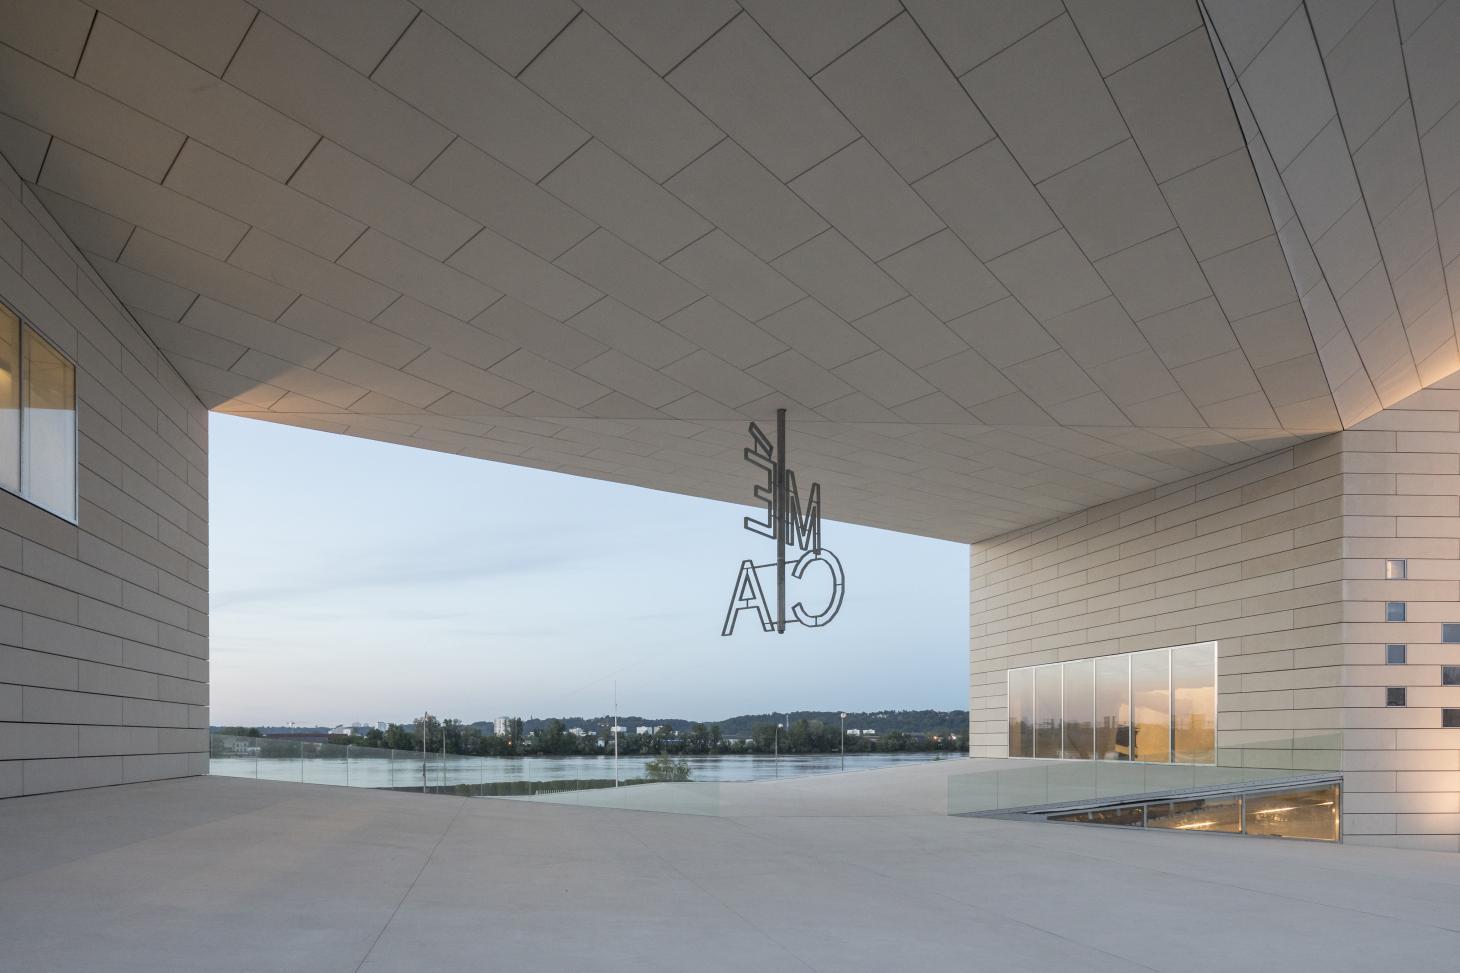 Le centre culturel MECA réalisé par BIG et Freaks ouvre ses portes à Bordeaux